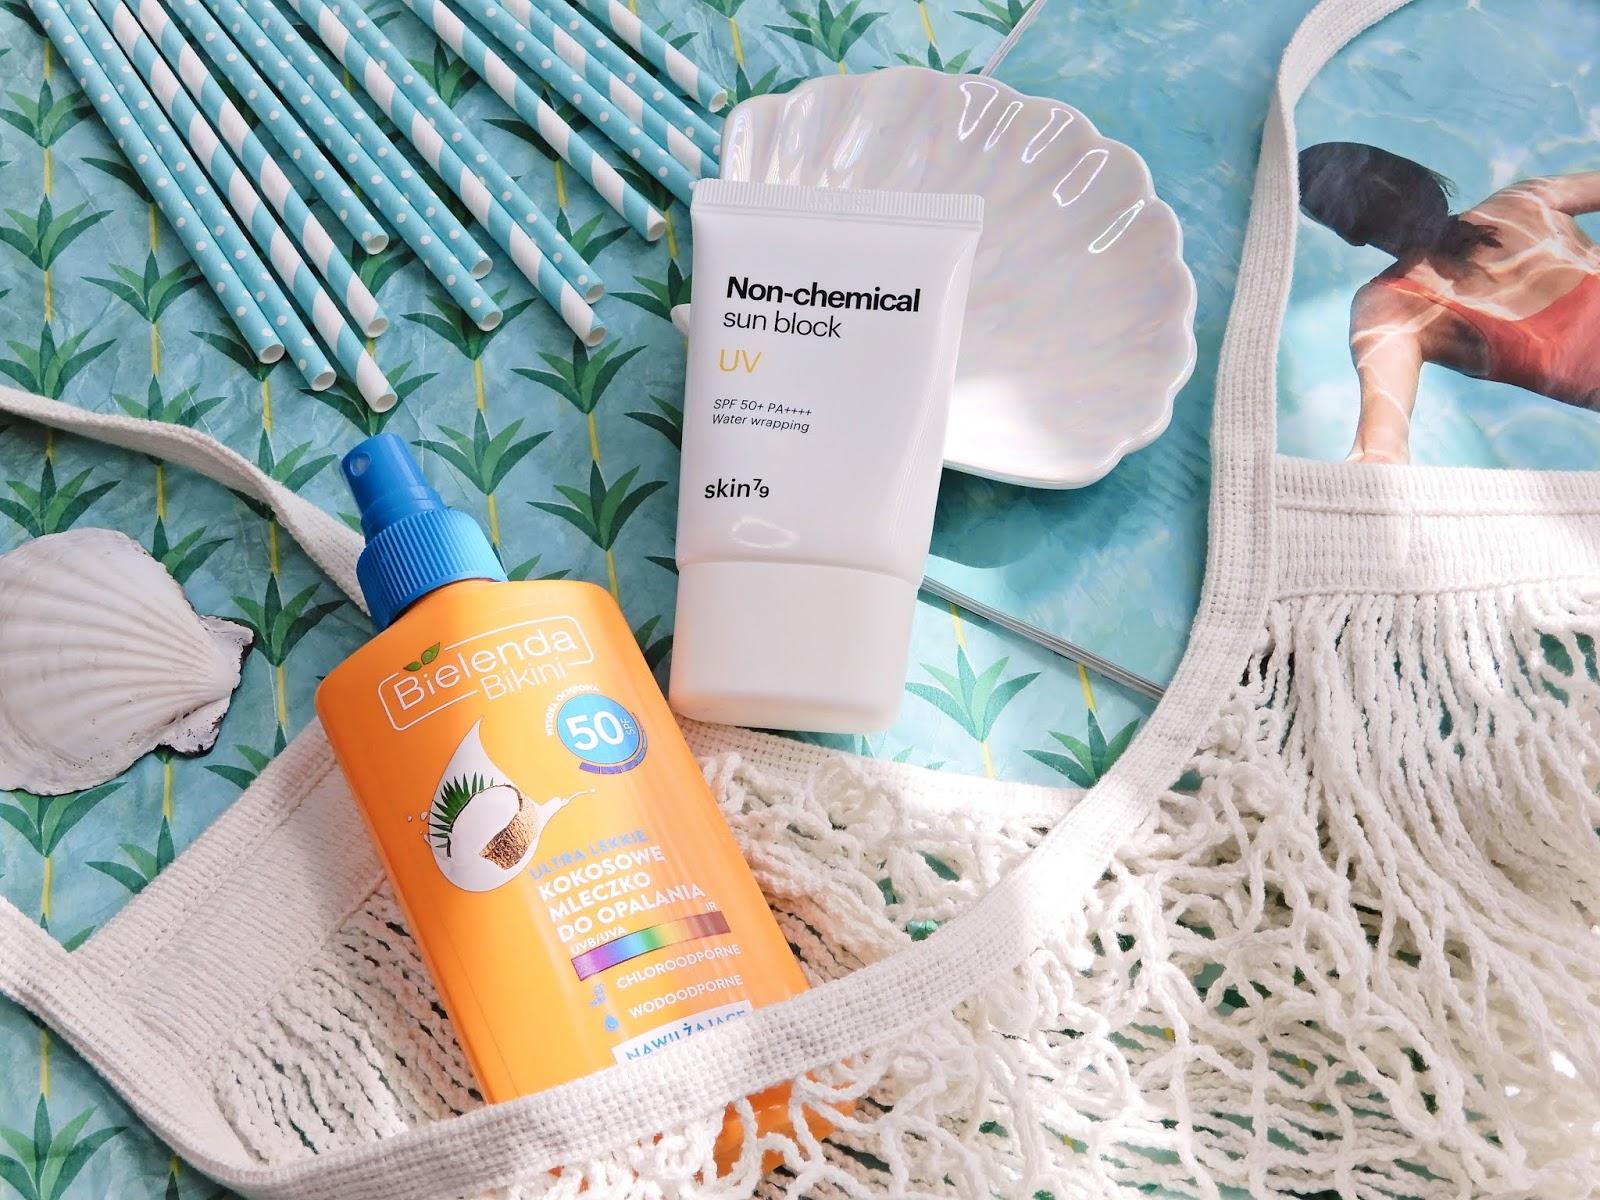 Bielenda bikini Ultra lekkie kokosowe mleczko do opalania SPF50.Skin79, krem przeciwsłoneczny do twarzy Non-chemical Sun Block SPF50+ PA+++,